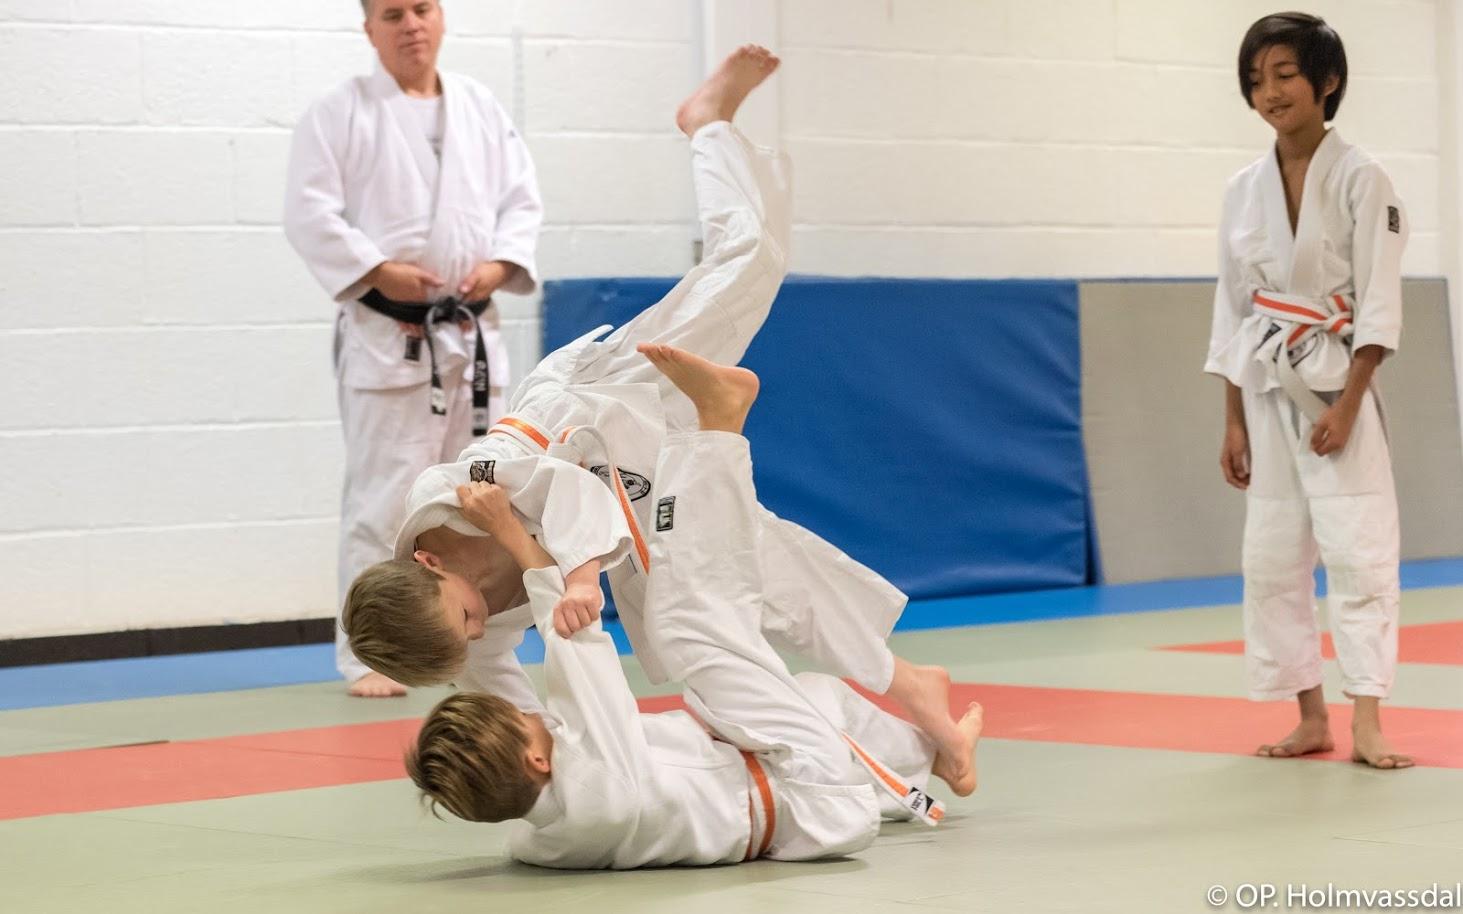 Velkommen tilbake på trening med luftige kast og annen judomoro! Foto: Ole-Petter Holmvassdal (C)